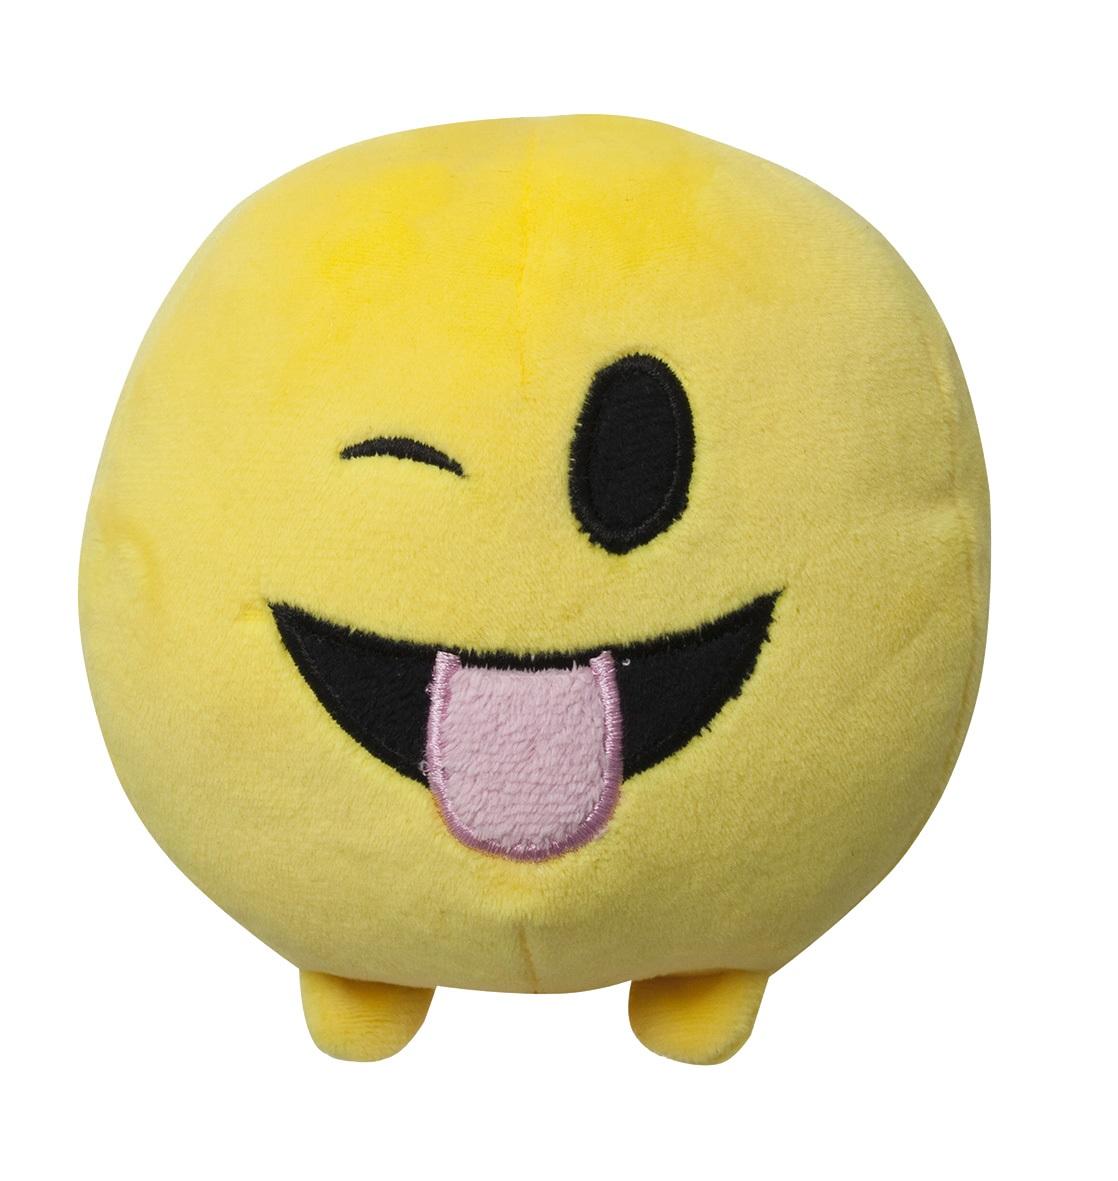 Мягкая игрушка Imoji. Дразнится (11 см)Представляем вашему вниманию мягкую игрушку Imoji. Дразнится в виде одного из смайлов самого популярного месенджера WhatsApp.<br>